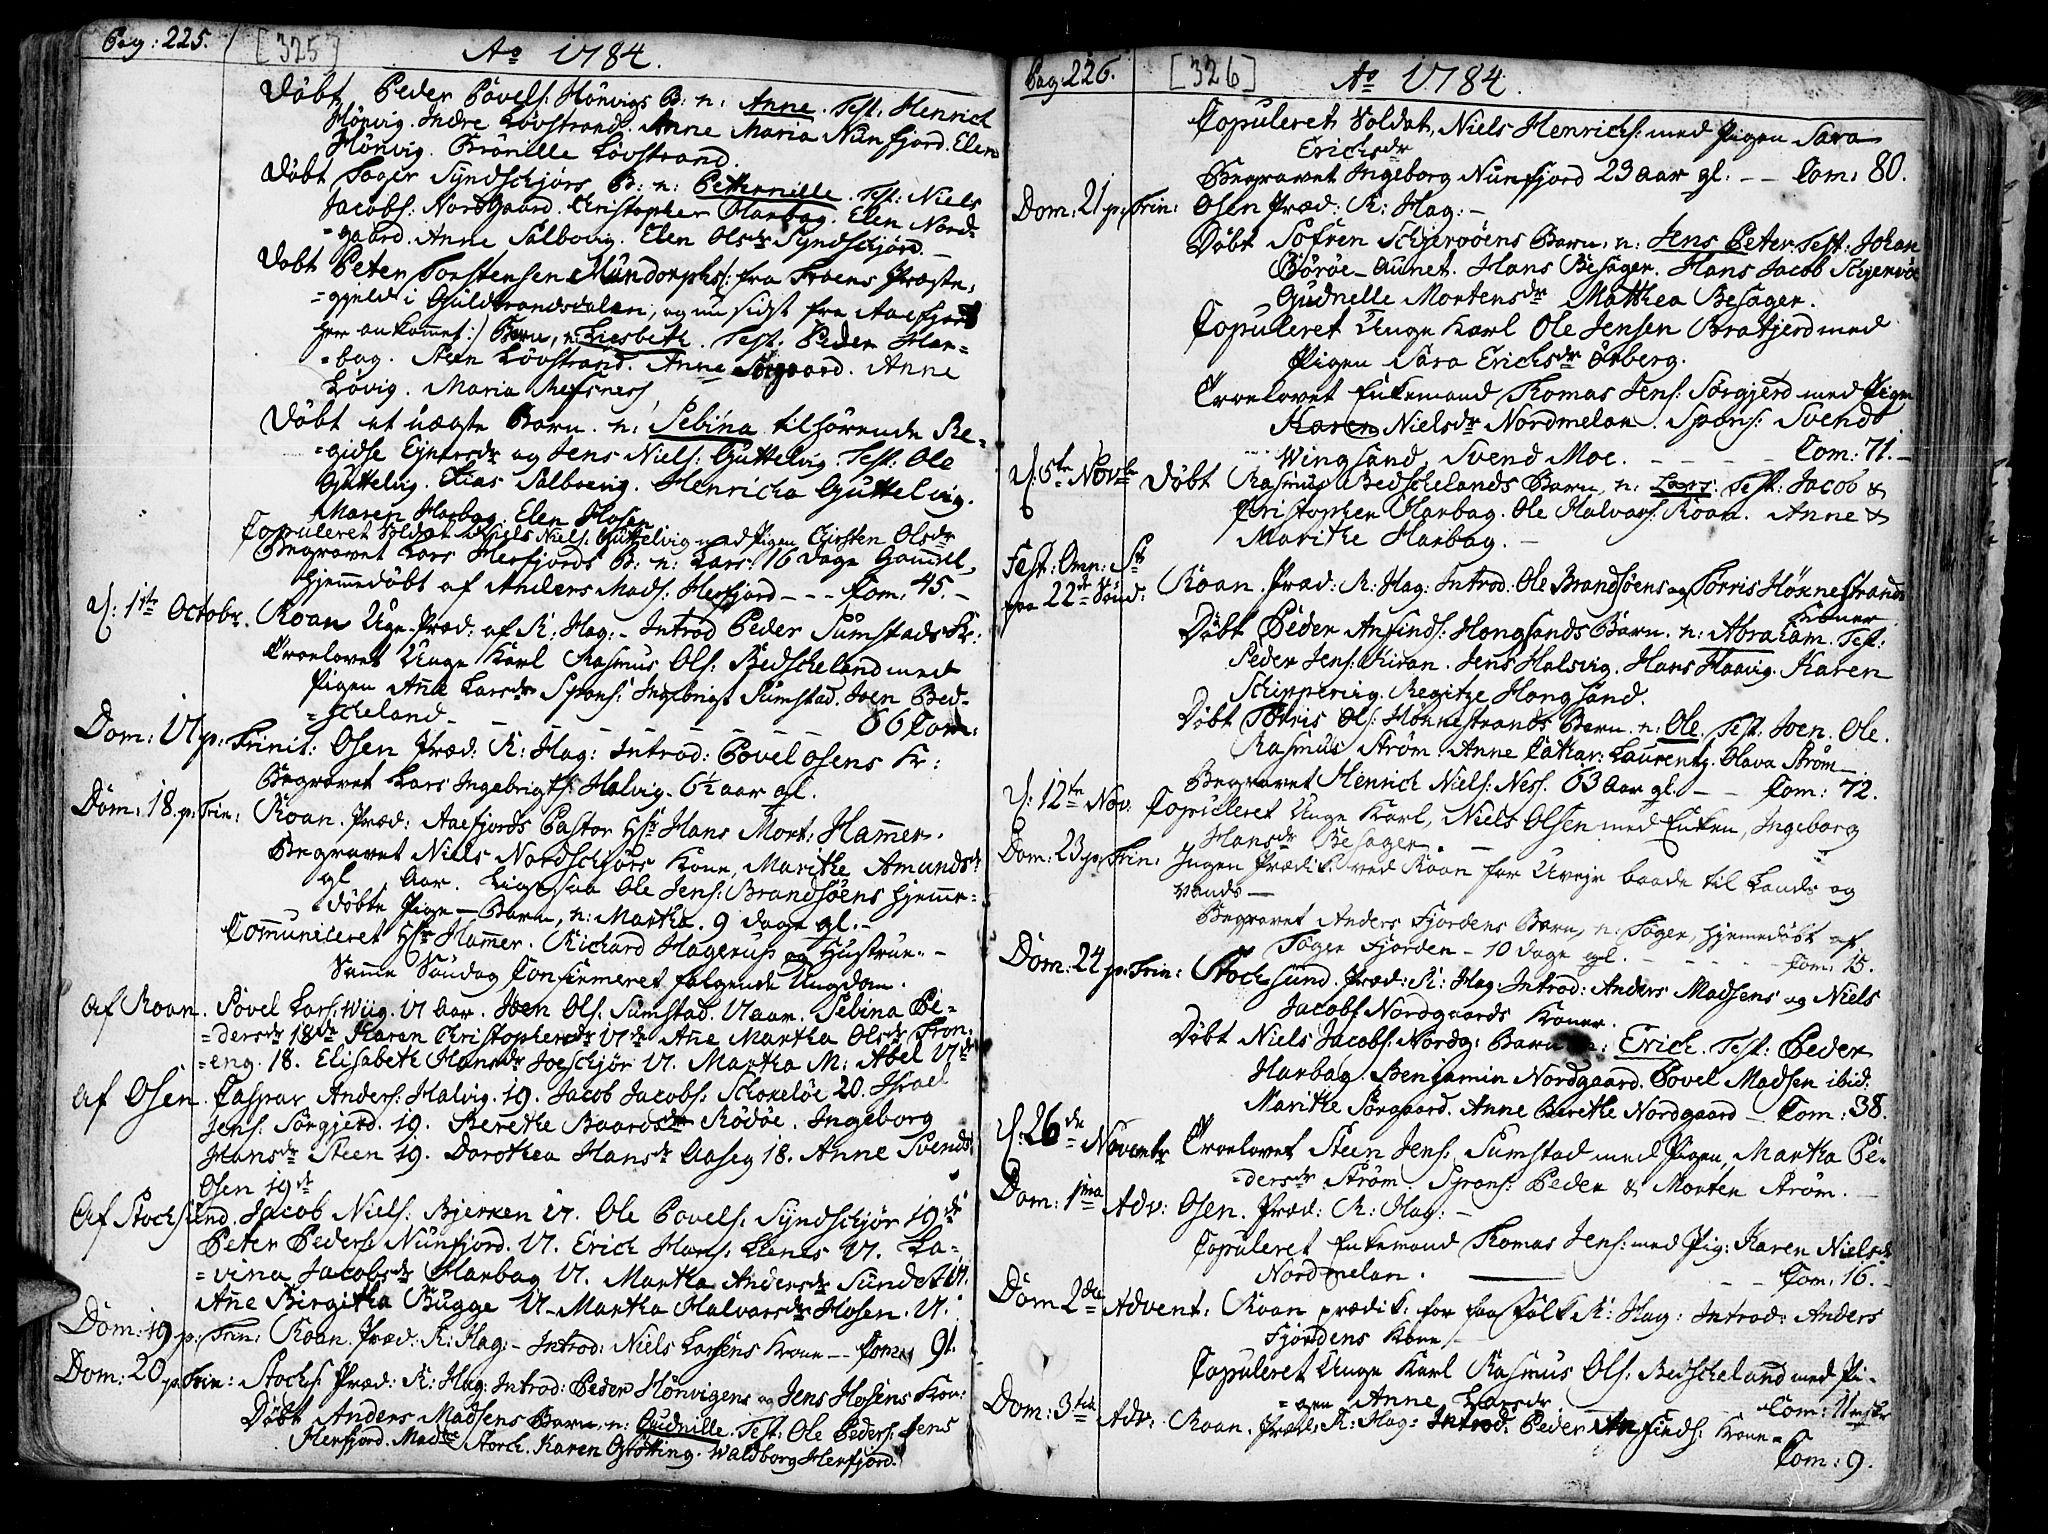 SAT, Ministerialprotokoller, klokkerbøker og fødselsregistre - Sør-Trøndelag, 657/L0700: Ministerialbok nr. 657A01, 1732-1801, s. 325-326